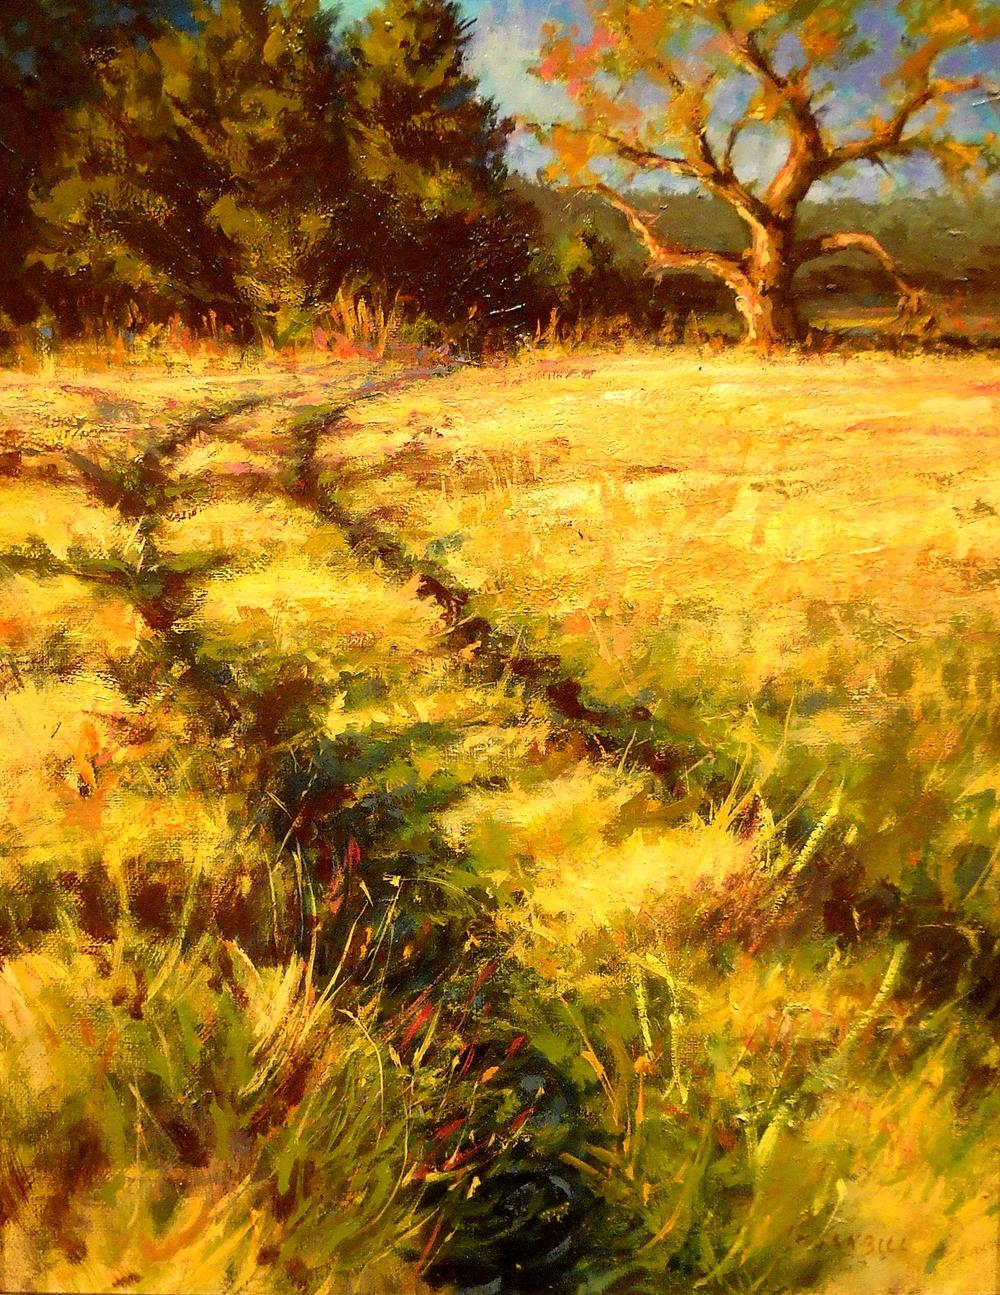 Joseph Loganbill Fall Pasture Trail 11x14 oc $875